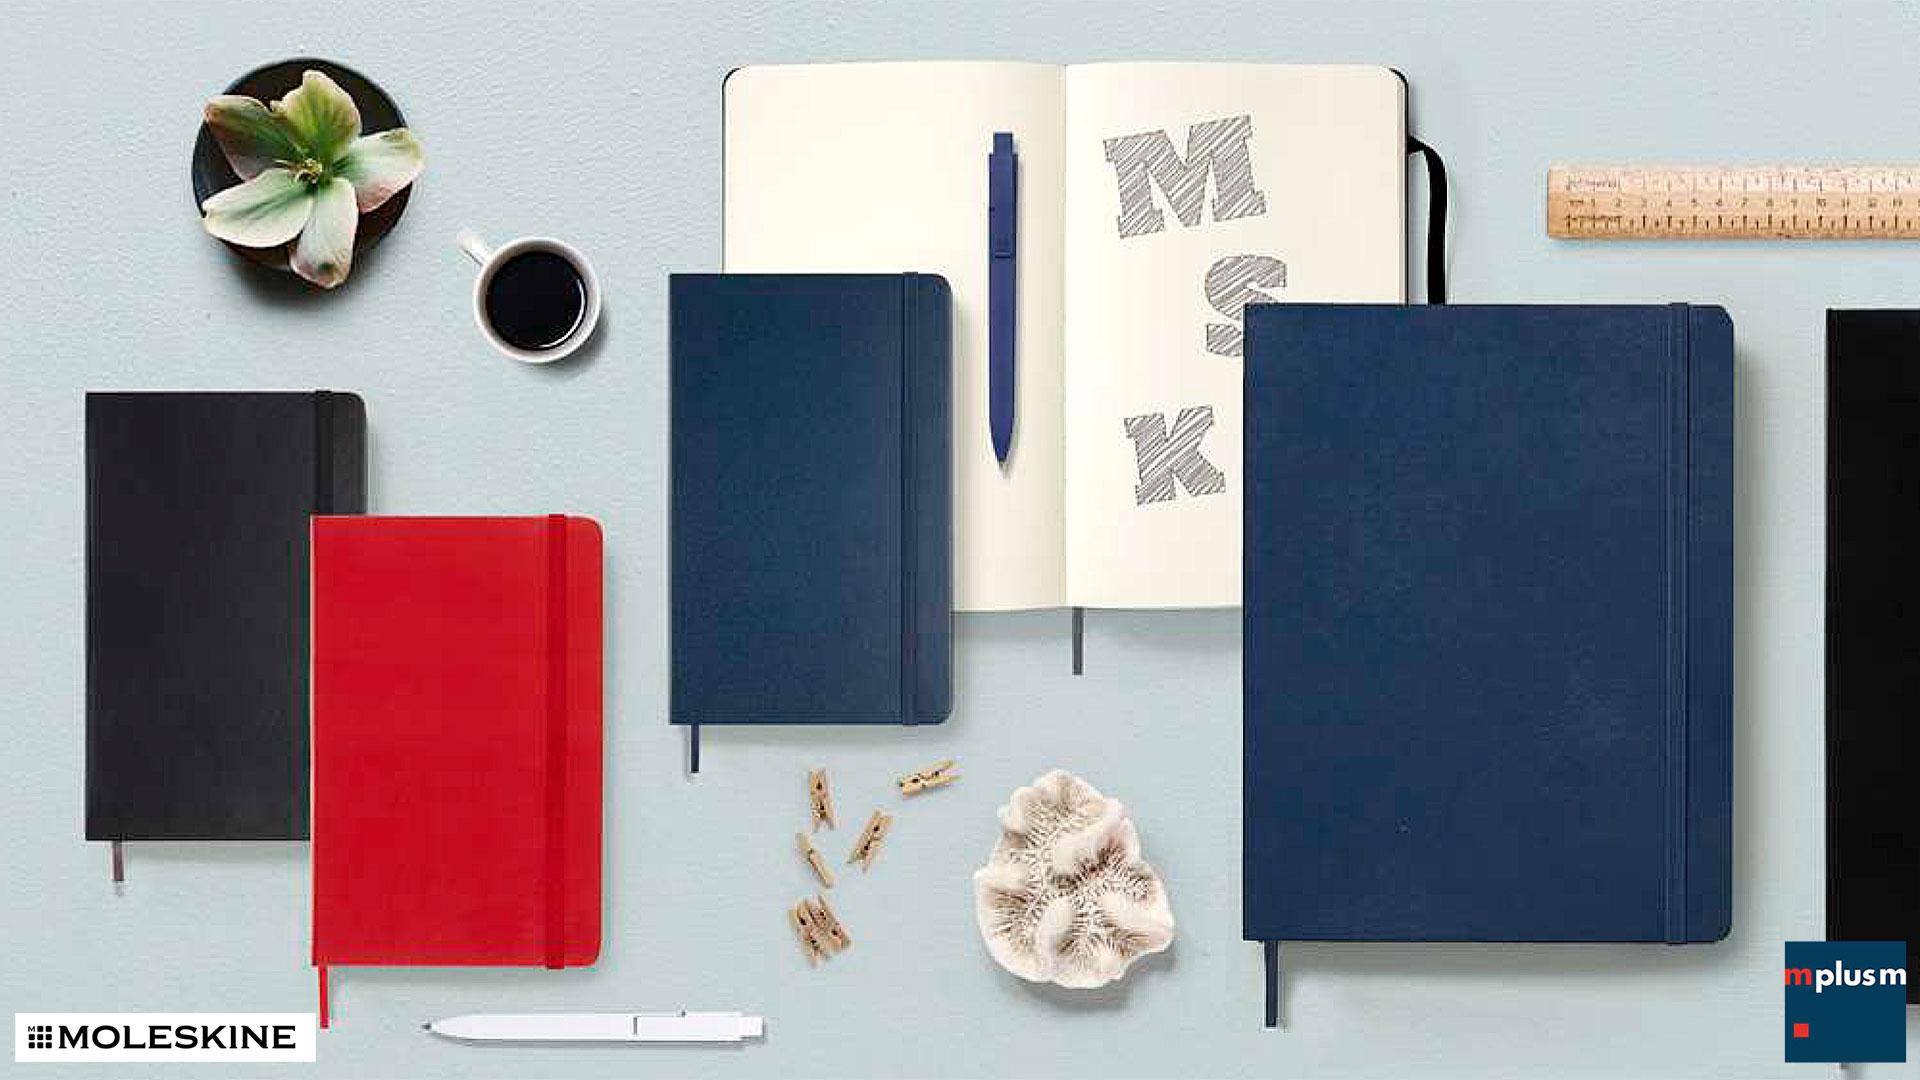 Moleskine Notebooks Werbegeschenke